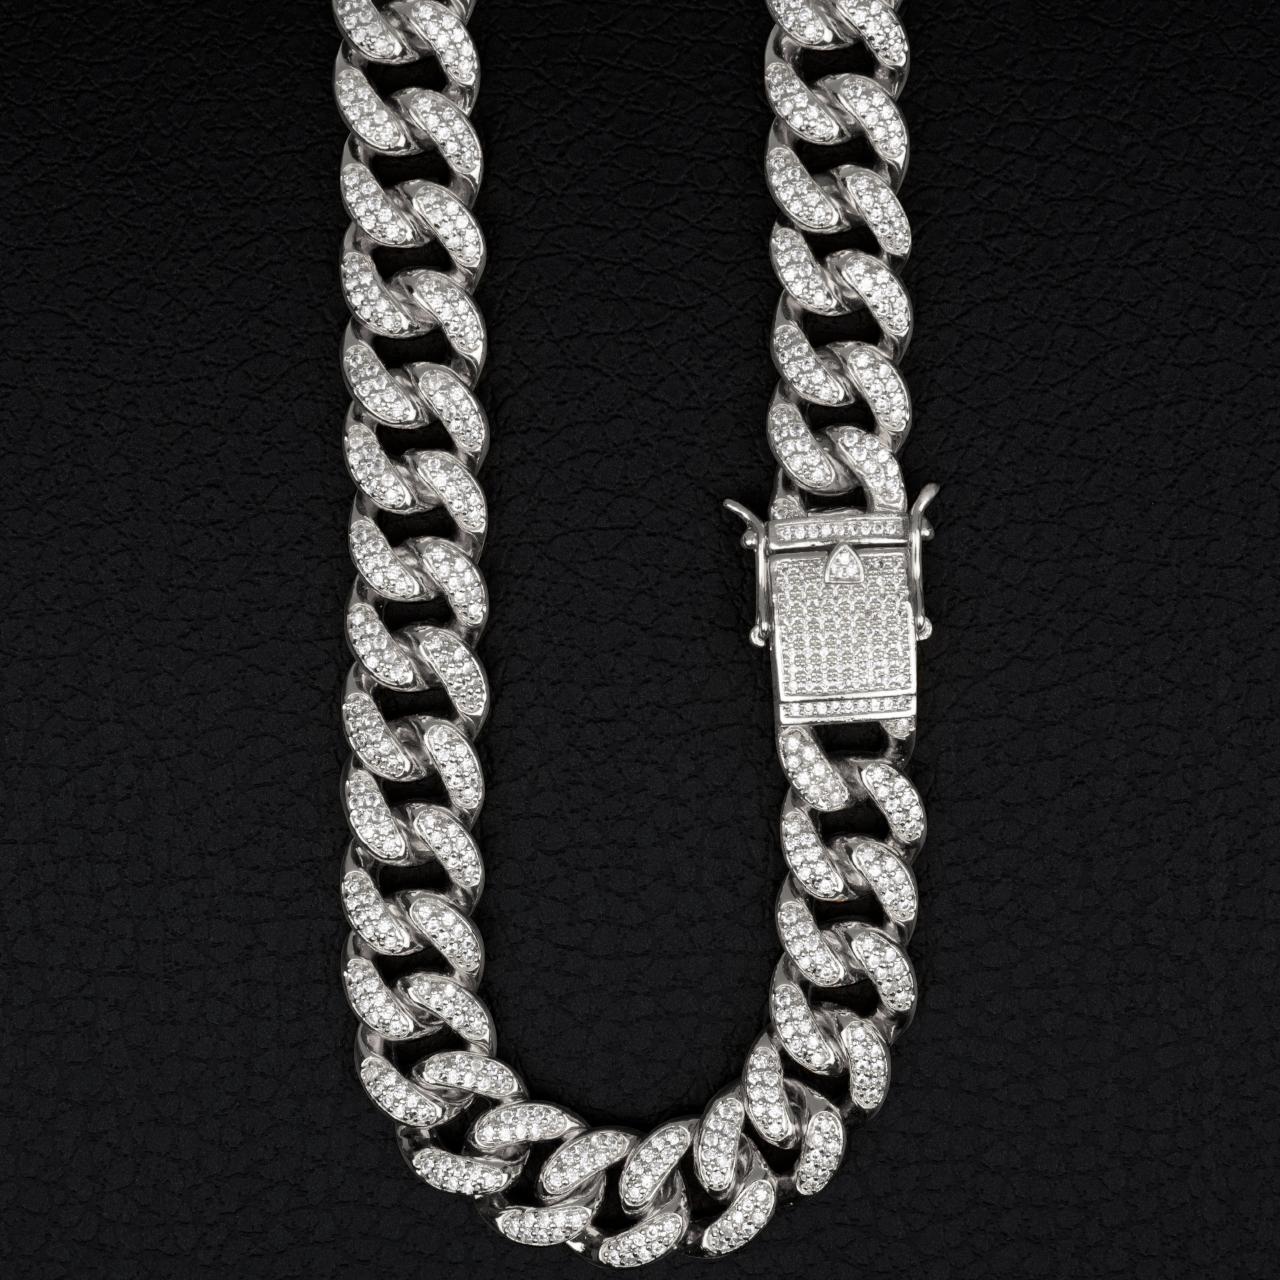 銀の太いネックレス(PROPRE3651)